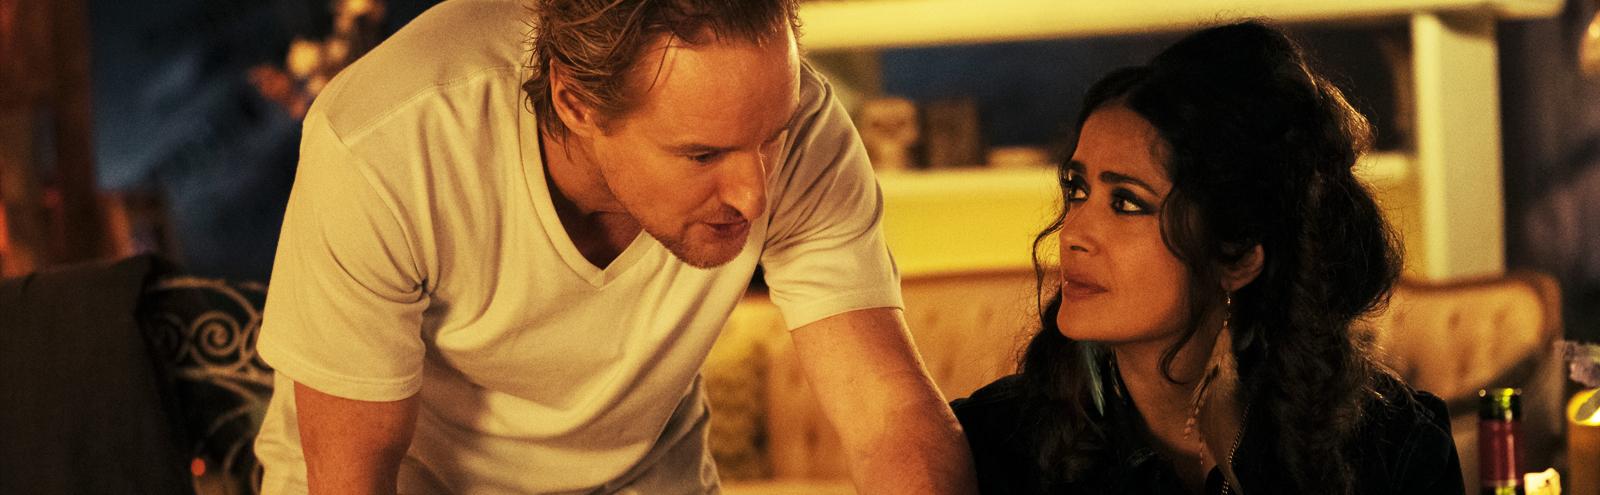 Salma Hayek and Owen Wilson in 'Bliss'